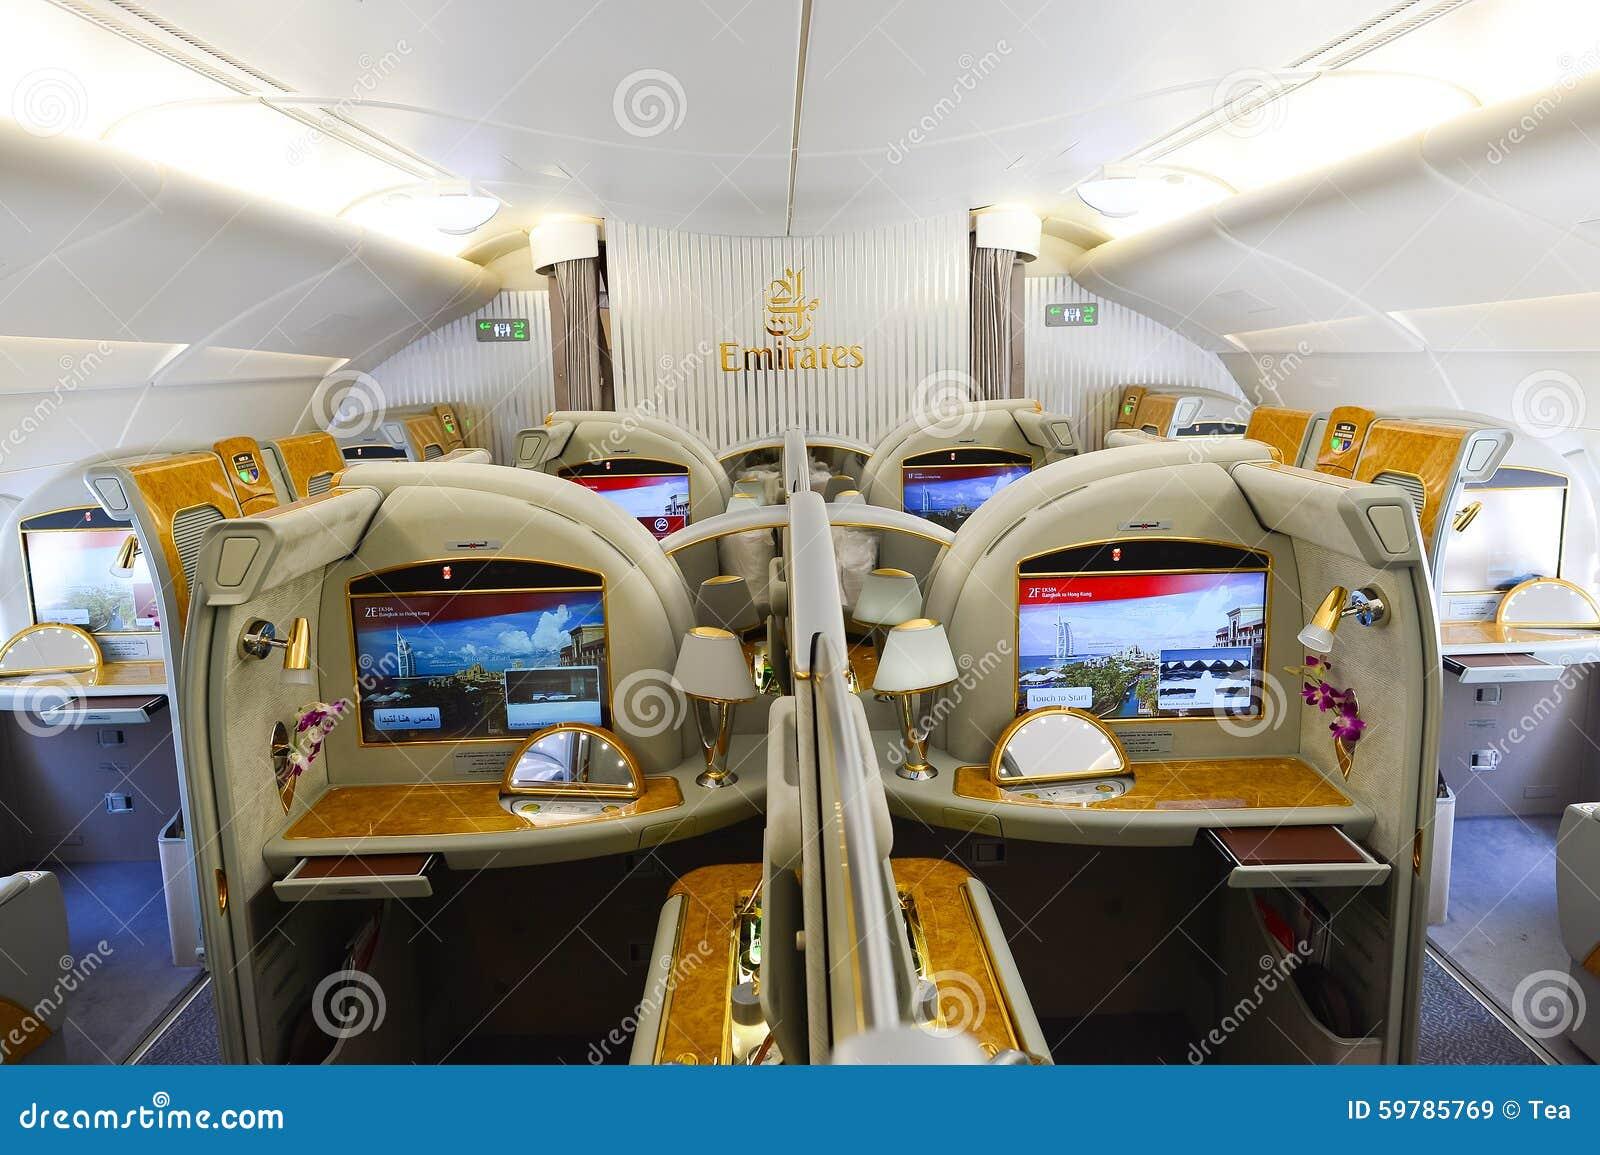 eminem a380 airbus interior - photo #21